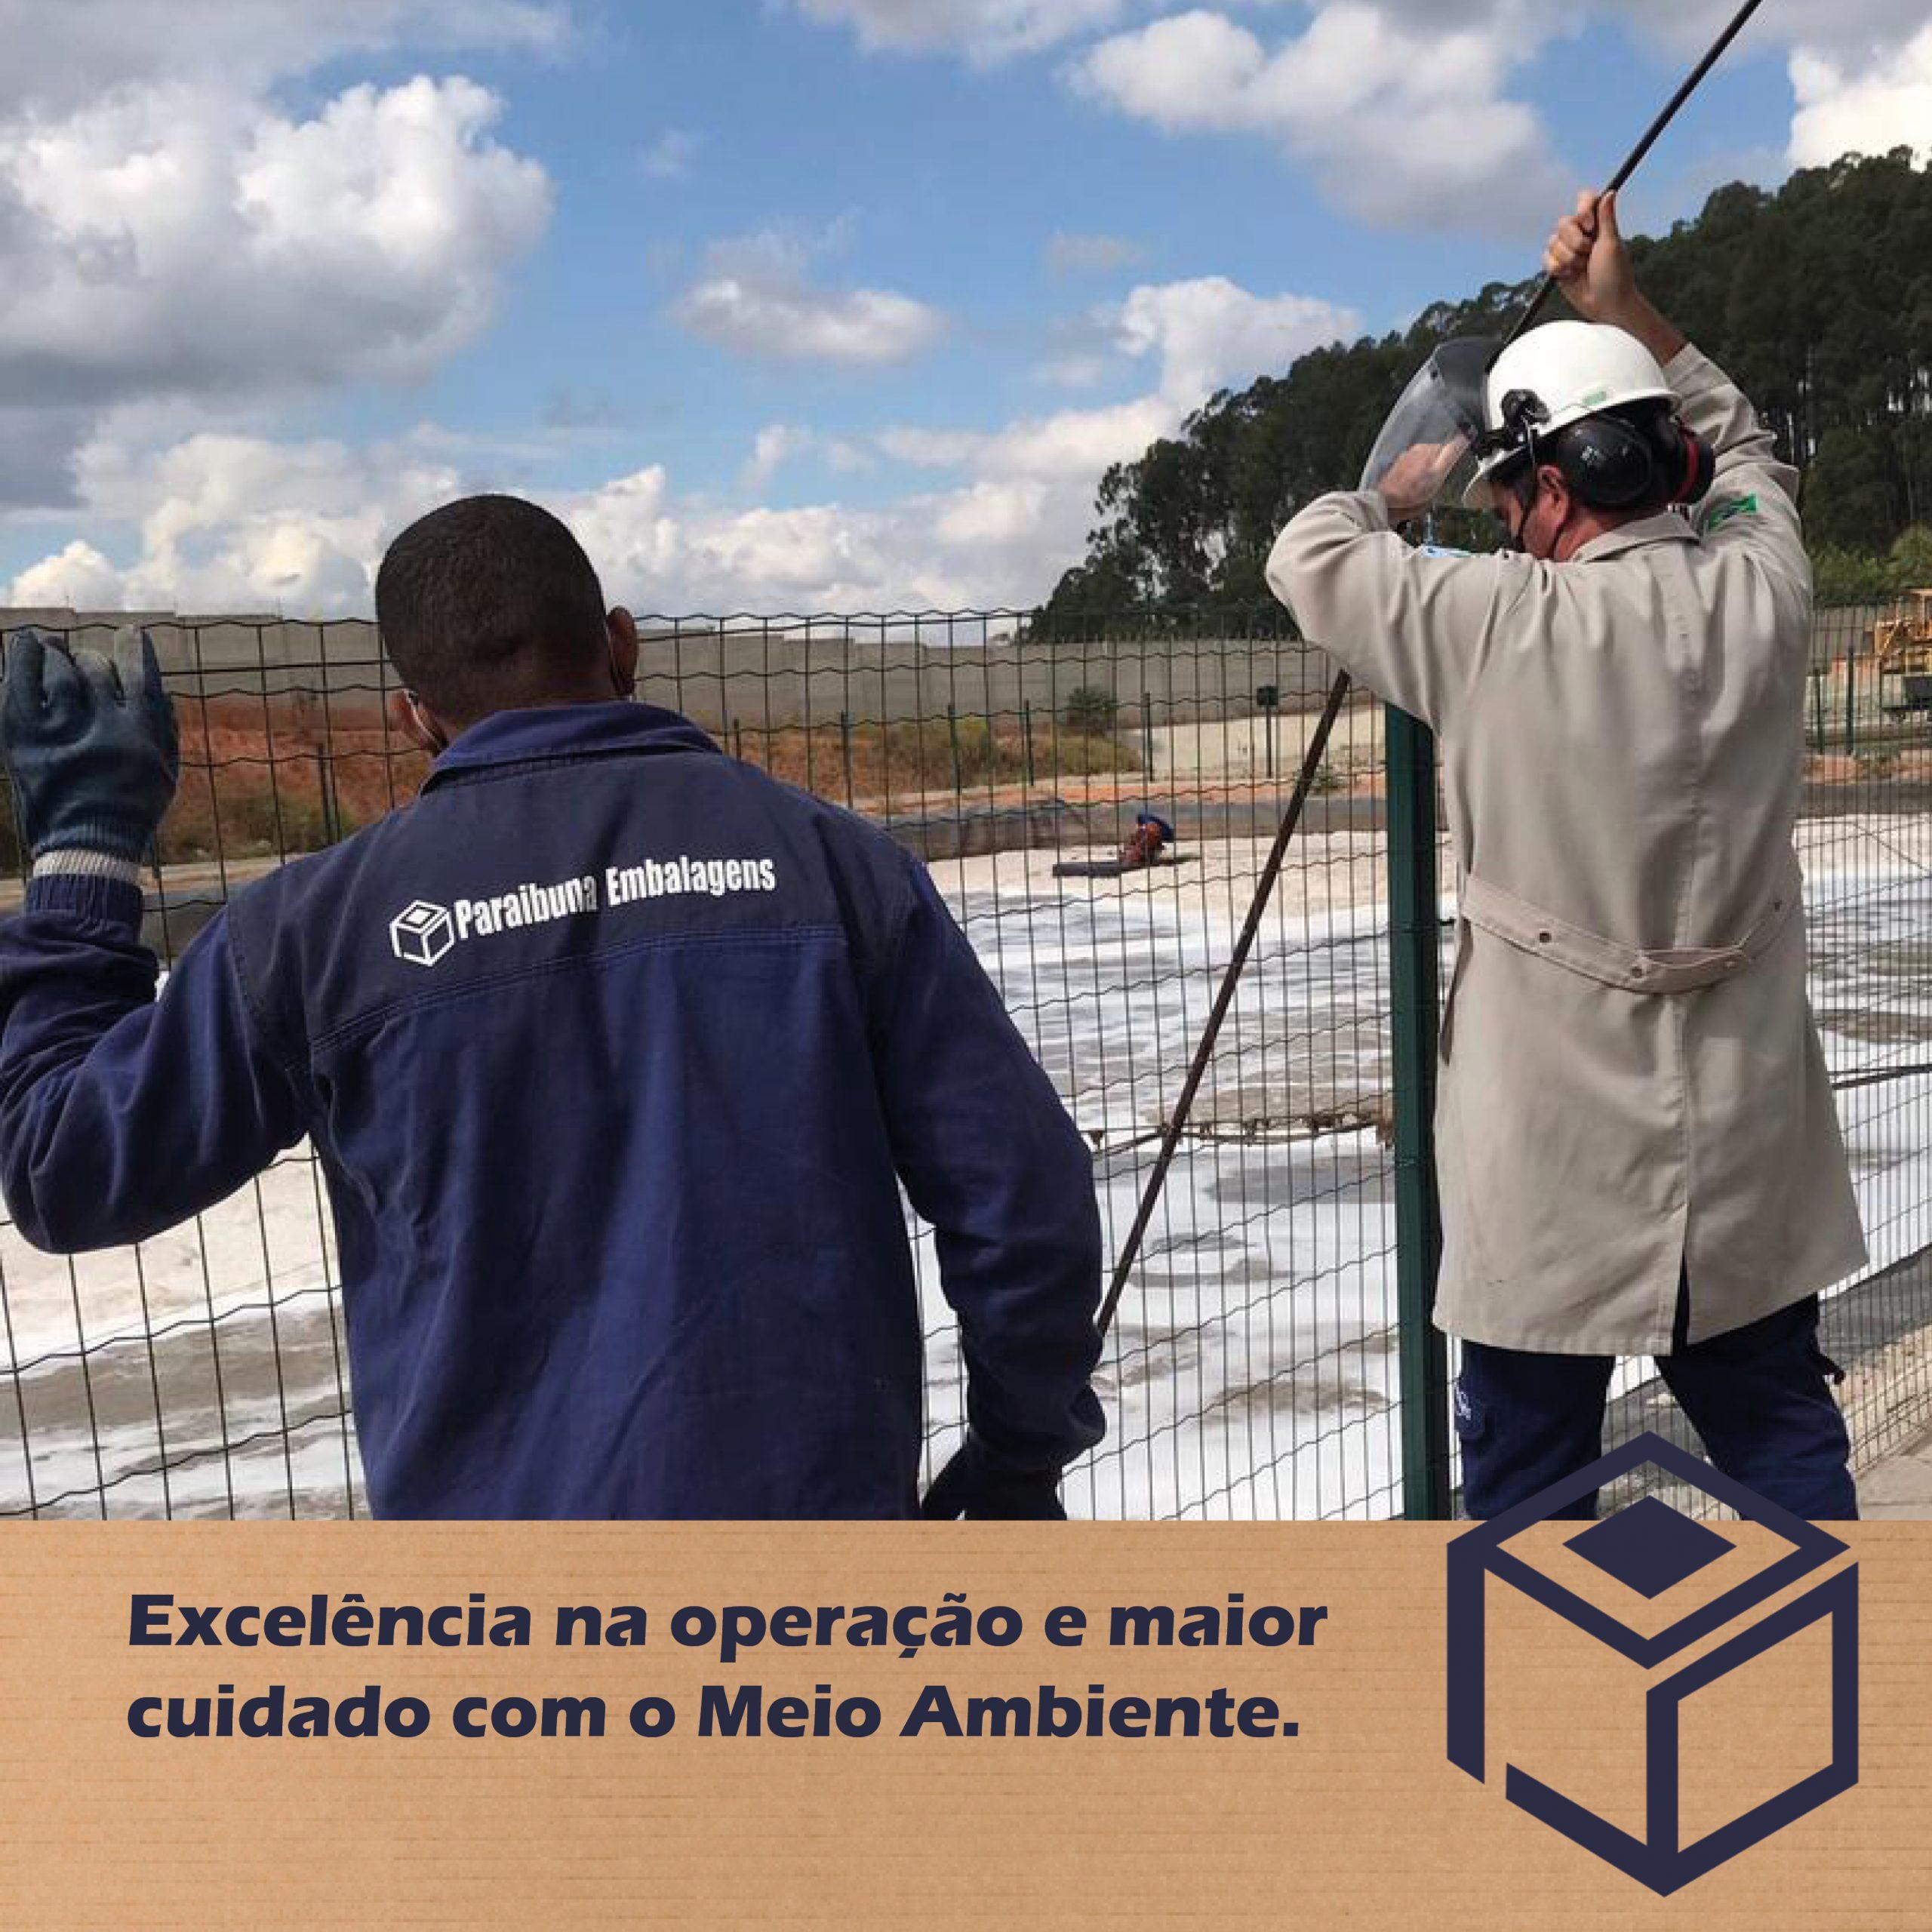 Excelência na operação e maior cuidado com o Meio Ambiente.